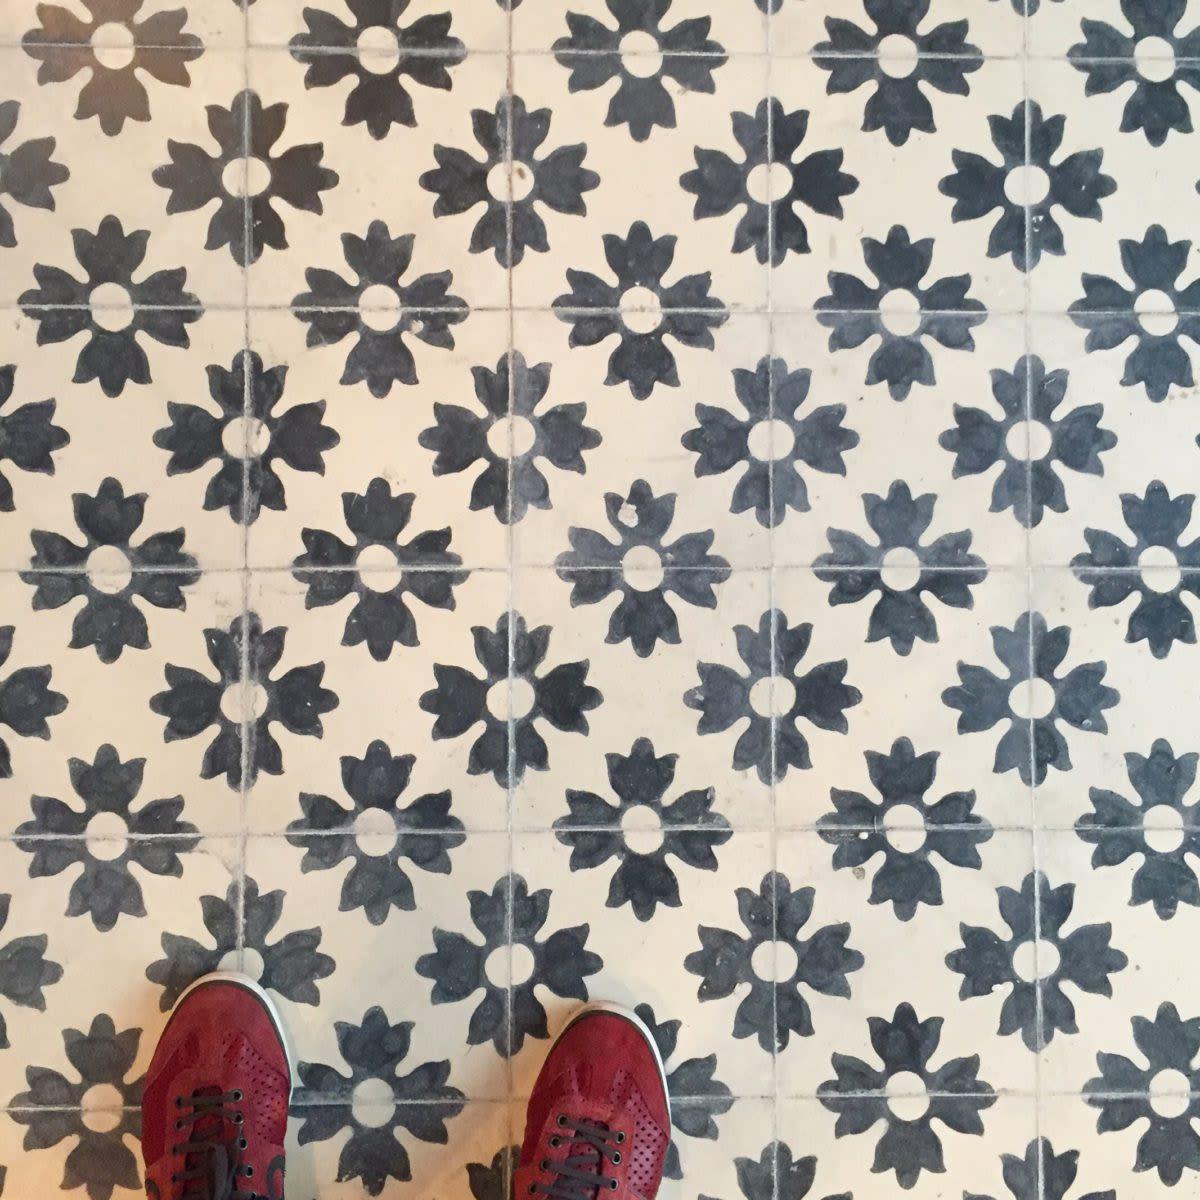 Curtains & Drapes by Huguet Mallorca seen at Soho House Barcelona, Barcelona - Bespoke Tiles